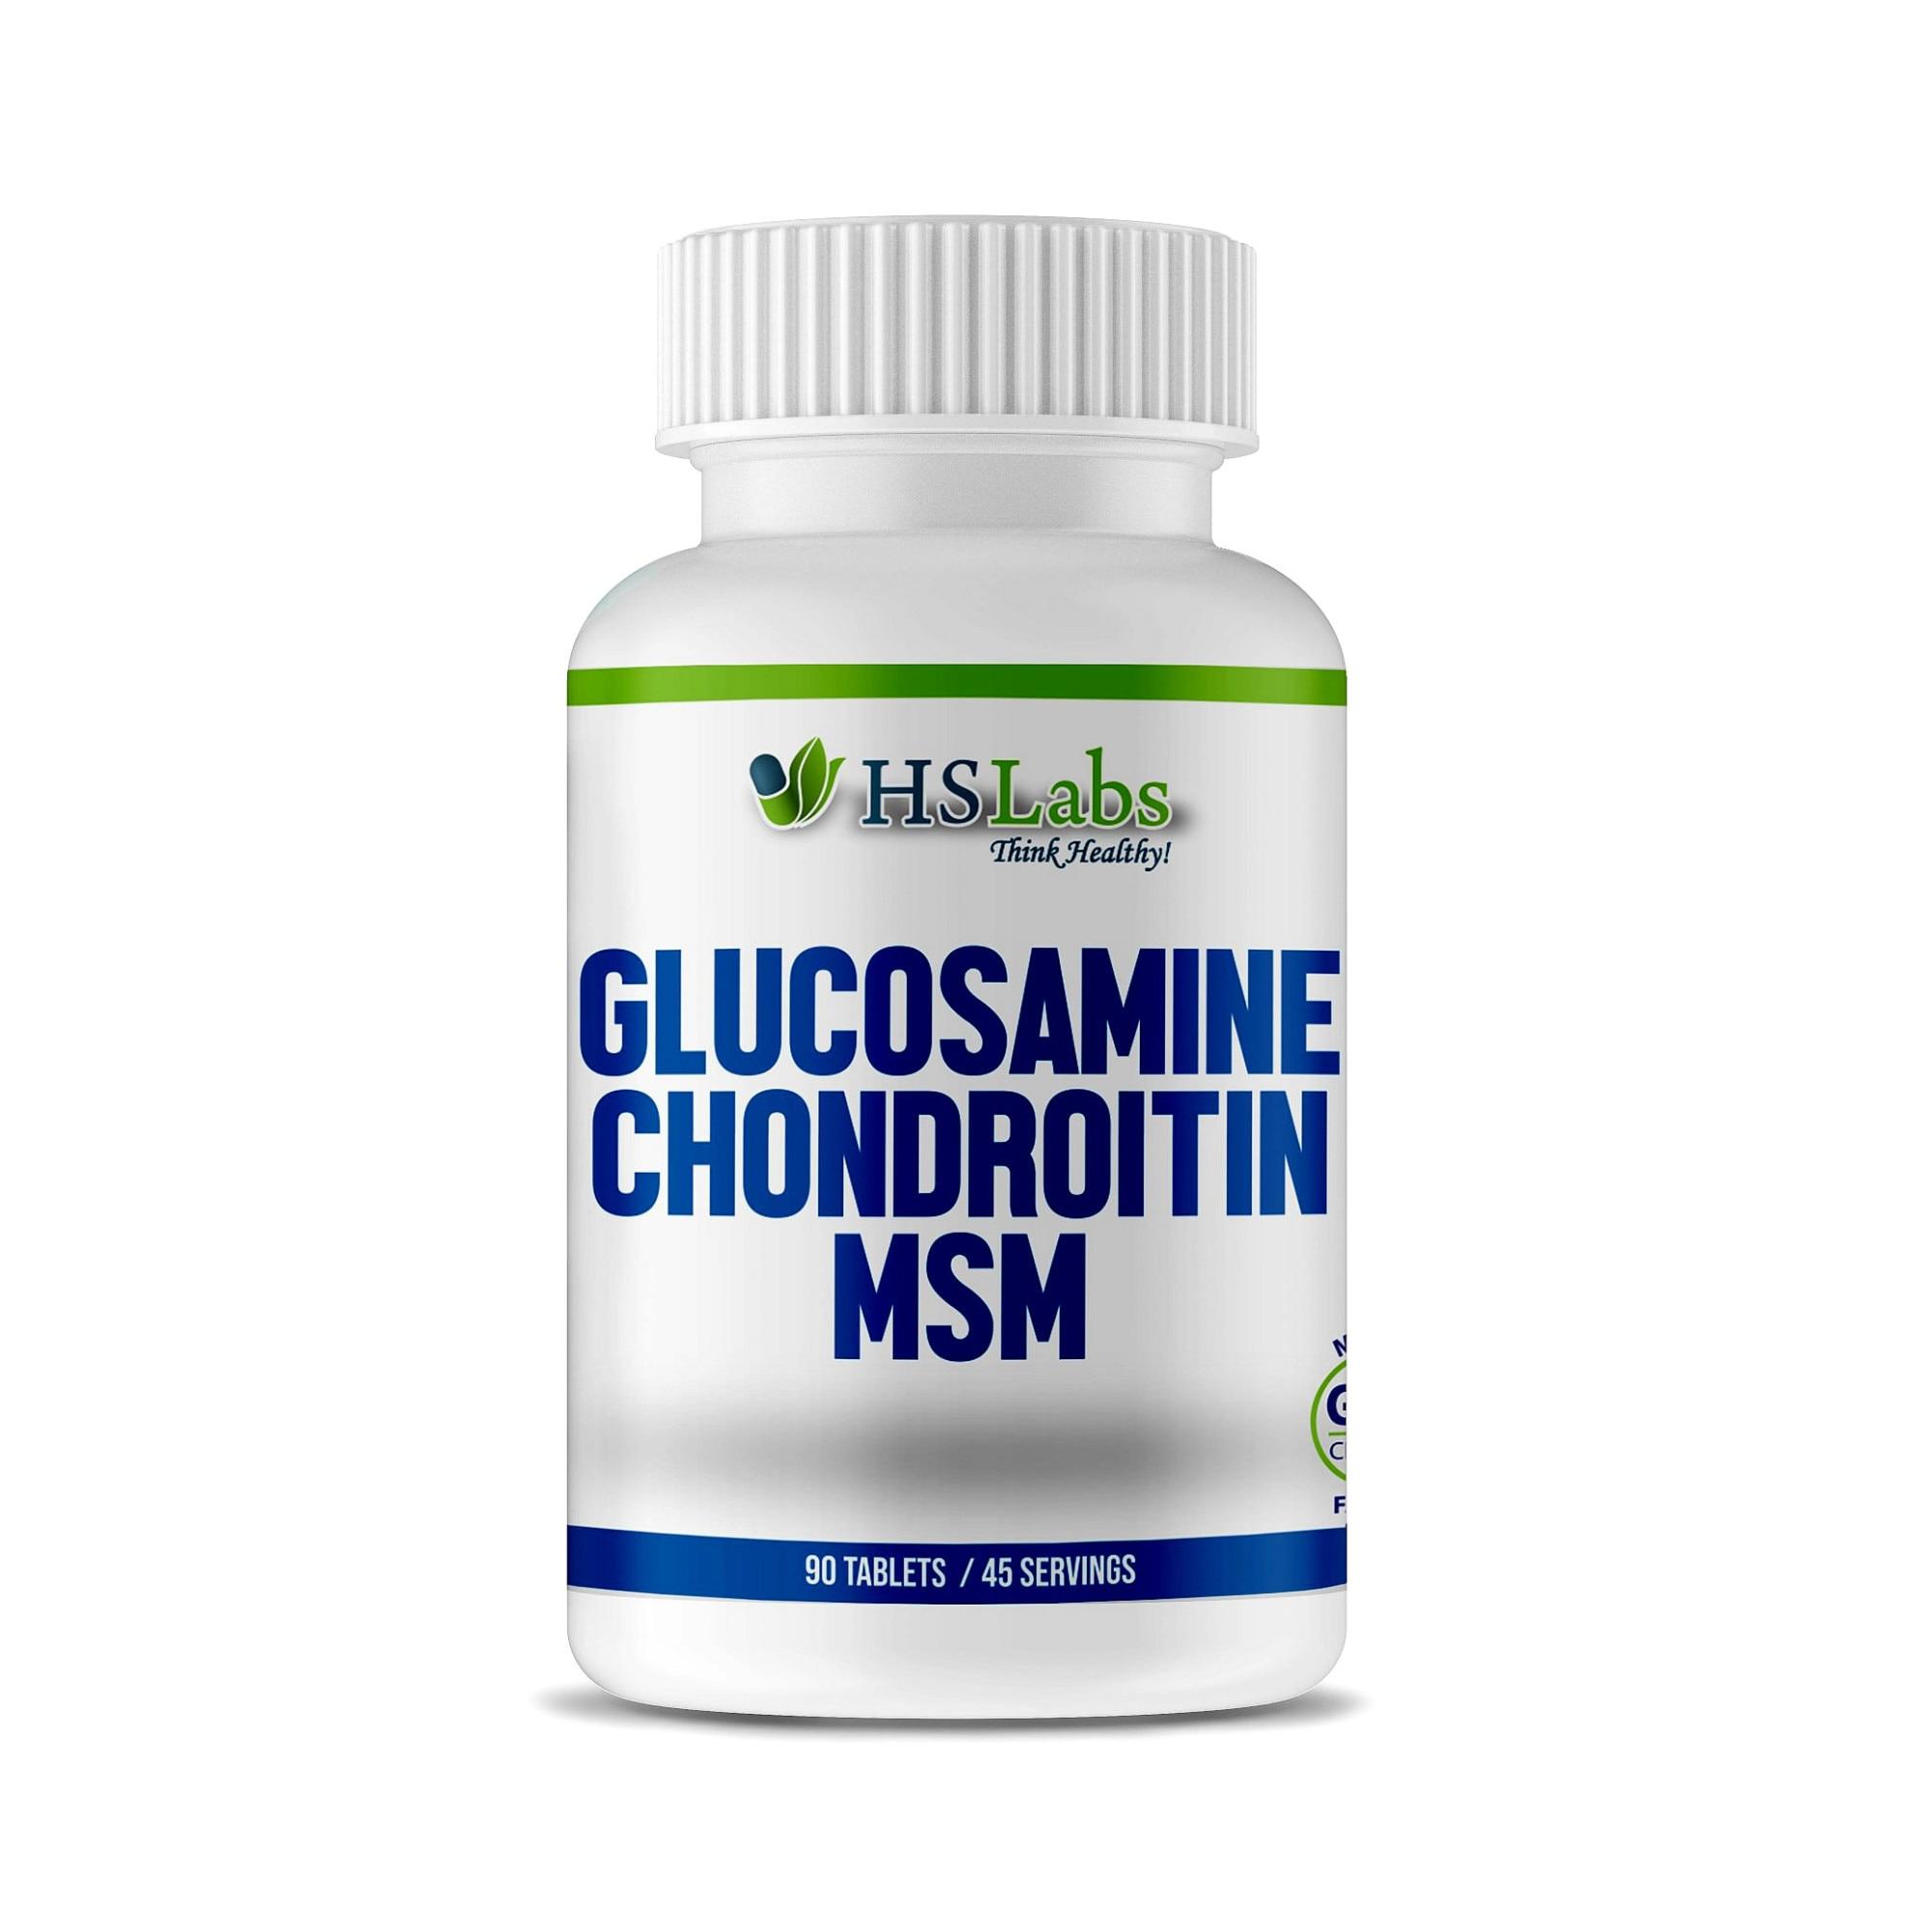 preț de condroitină glucosamină teraflex)